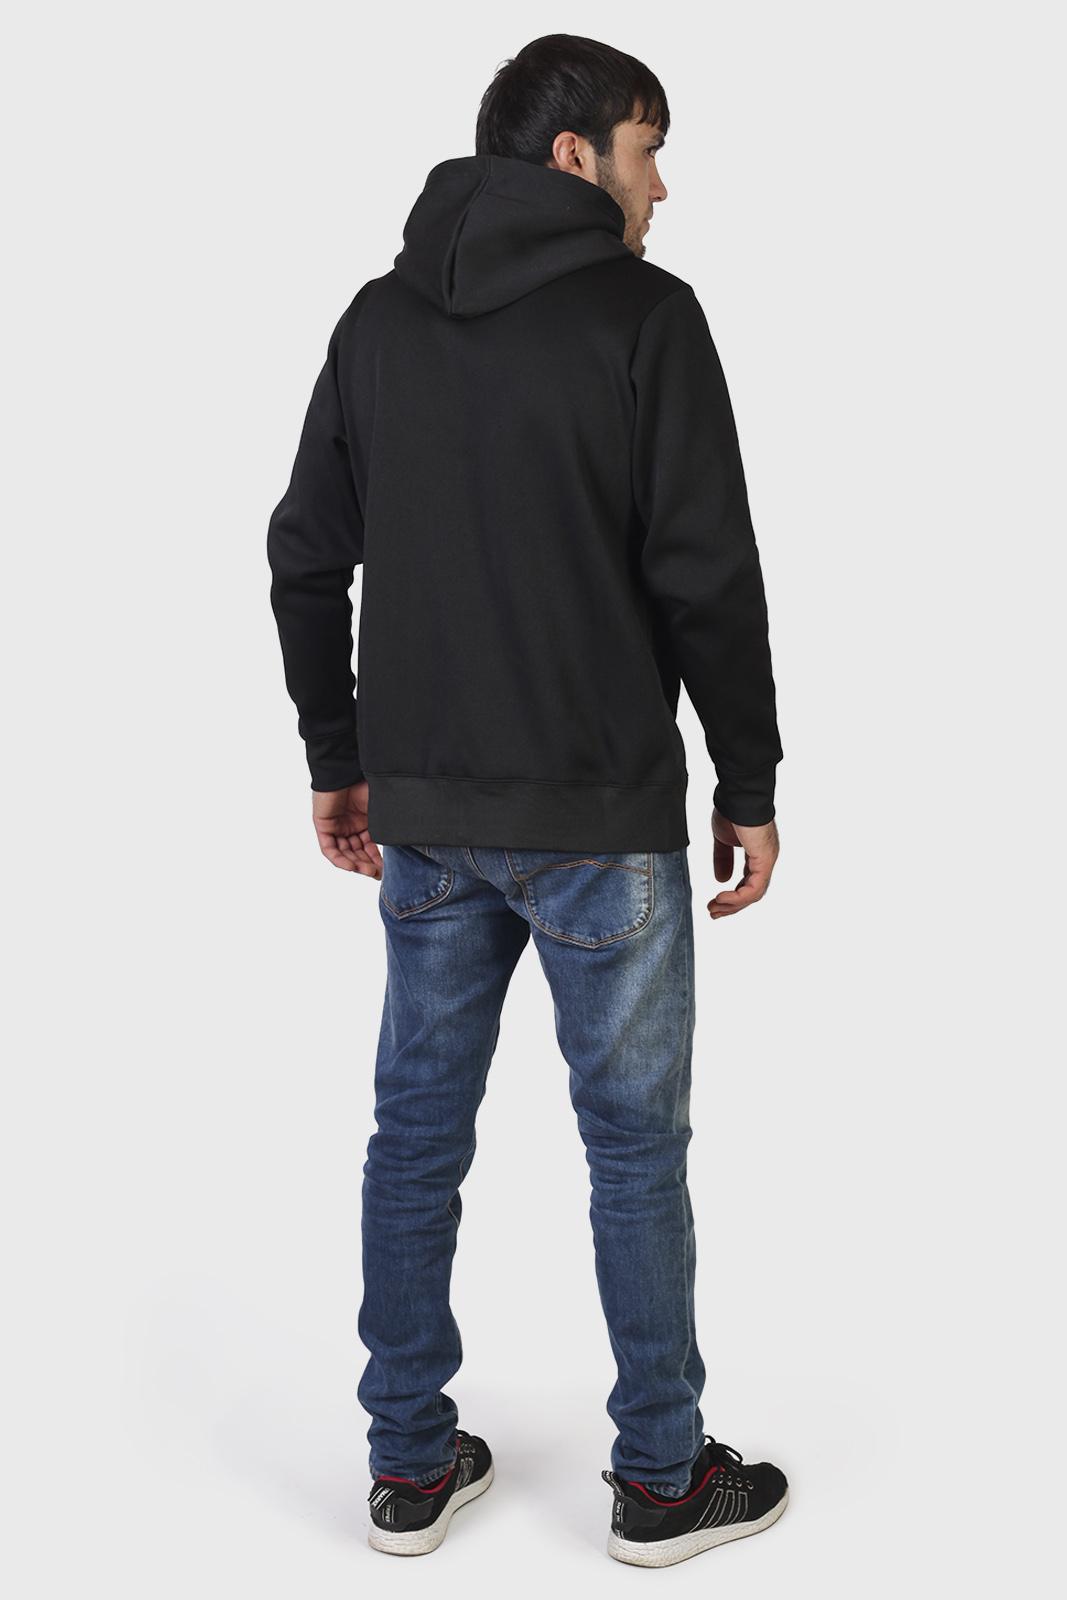 Классическая мужская черная толстовка купить в подарок